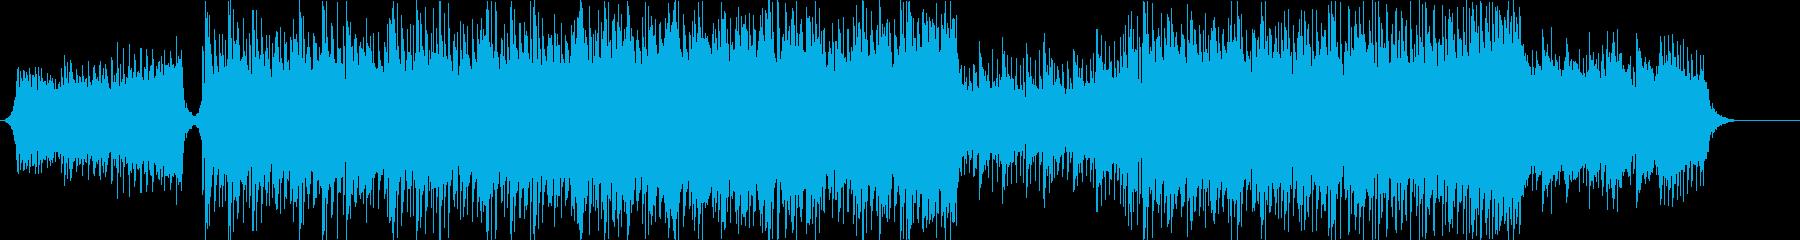 爽やかで企業VPやドライブ映像に合う曲の再生済みの波形